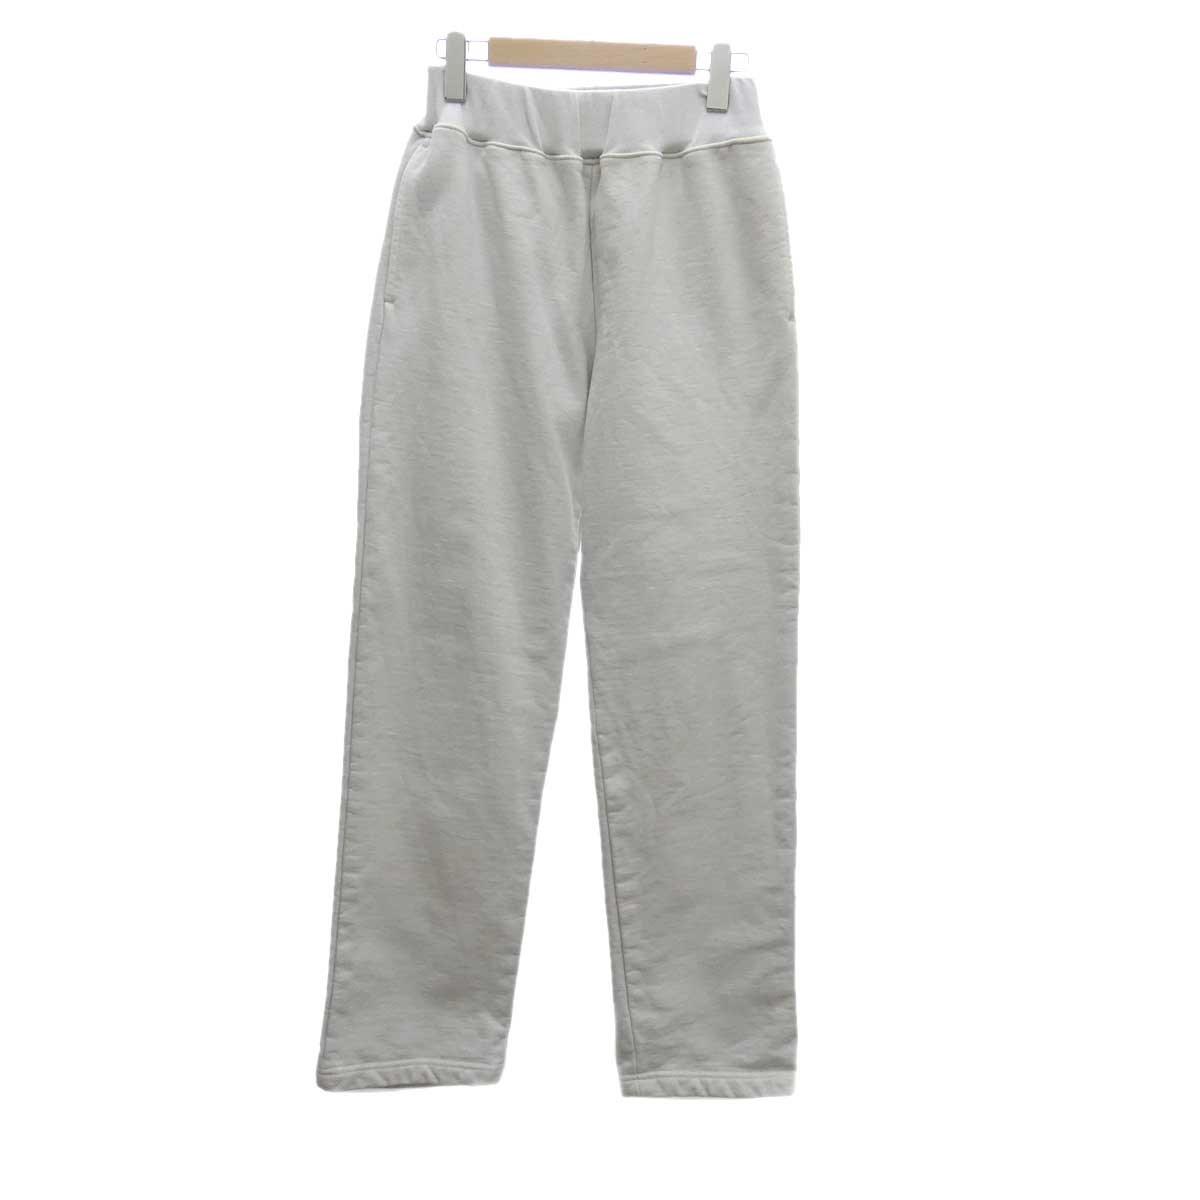 【中古】AURALEE SUPER MILLED SWEAT EASY PANTS オフホワイト サイズ:1 【080320】(オーラリー)